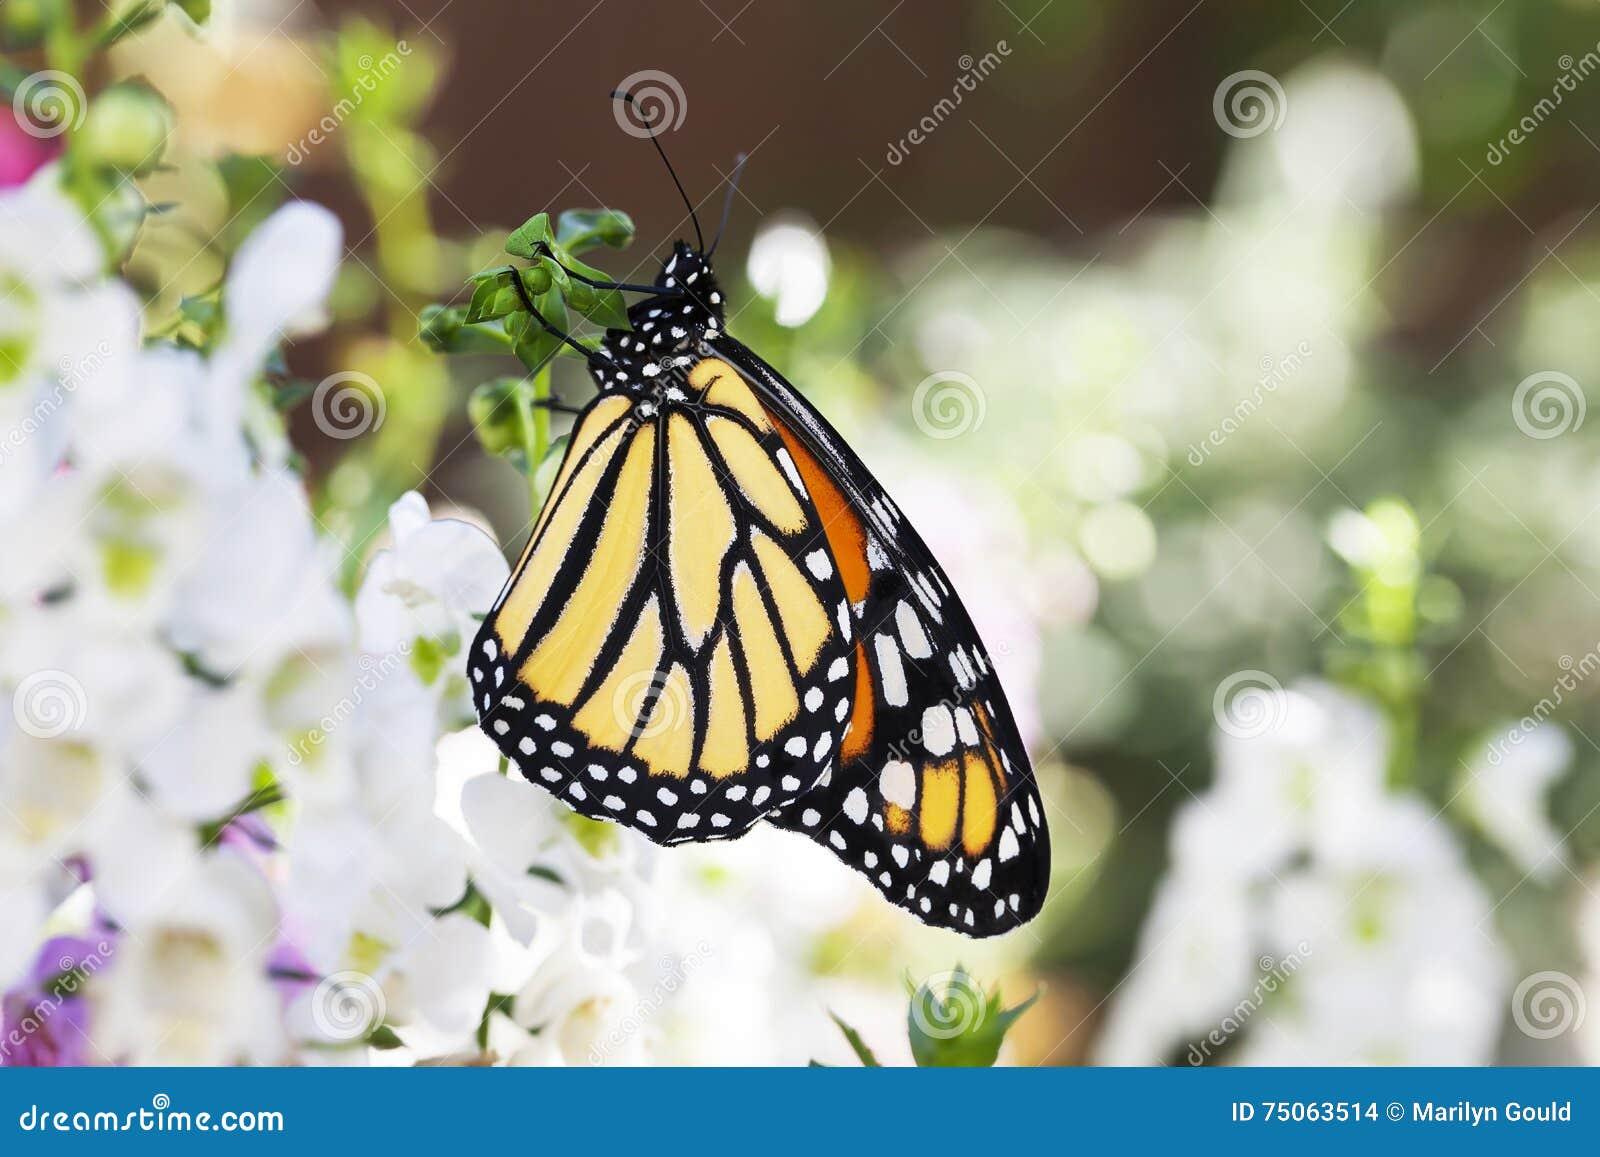 Monarch Butterfly in Garden 3